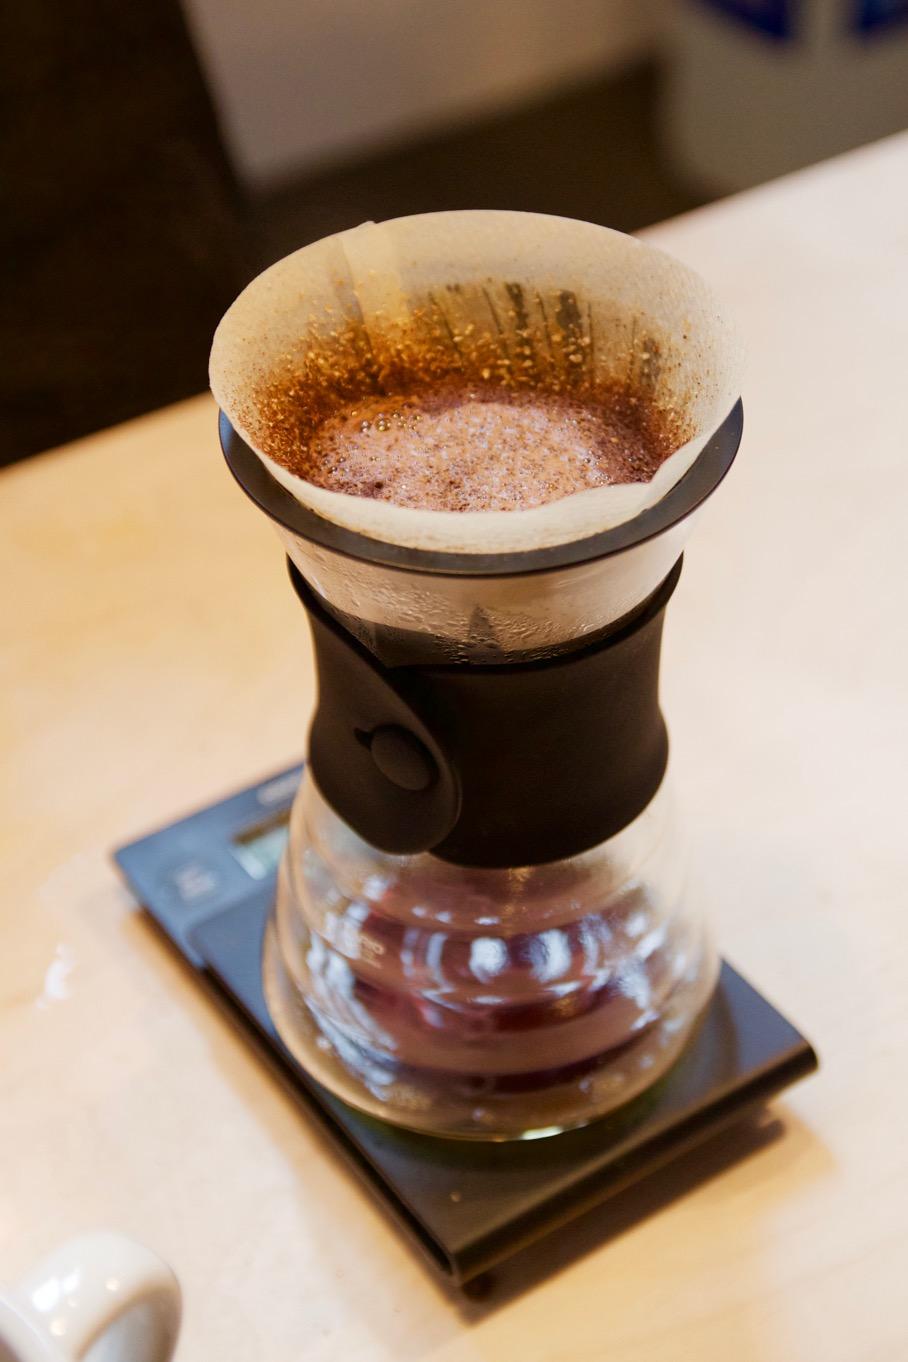 Ace Hotel - Bulldog Edition preparing a Square Mile coffee